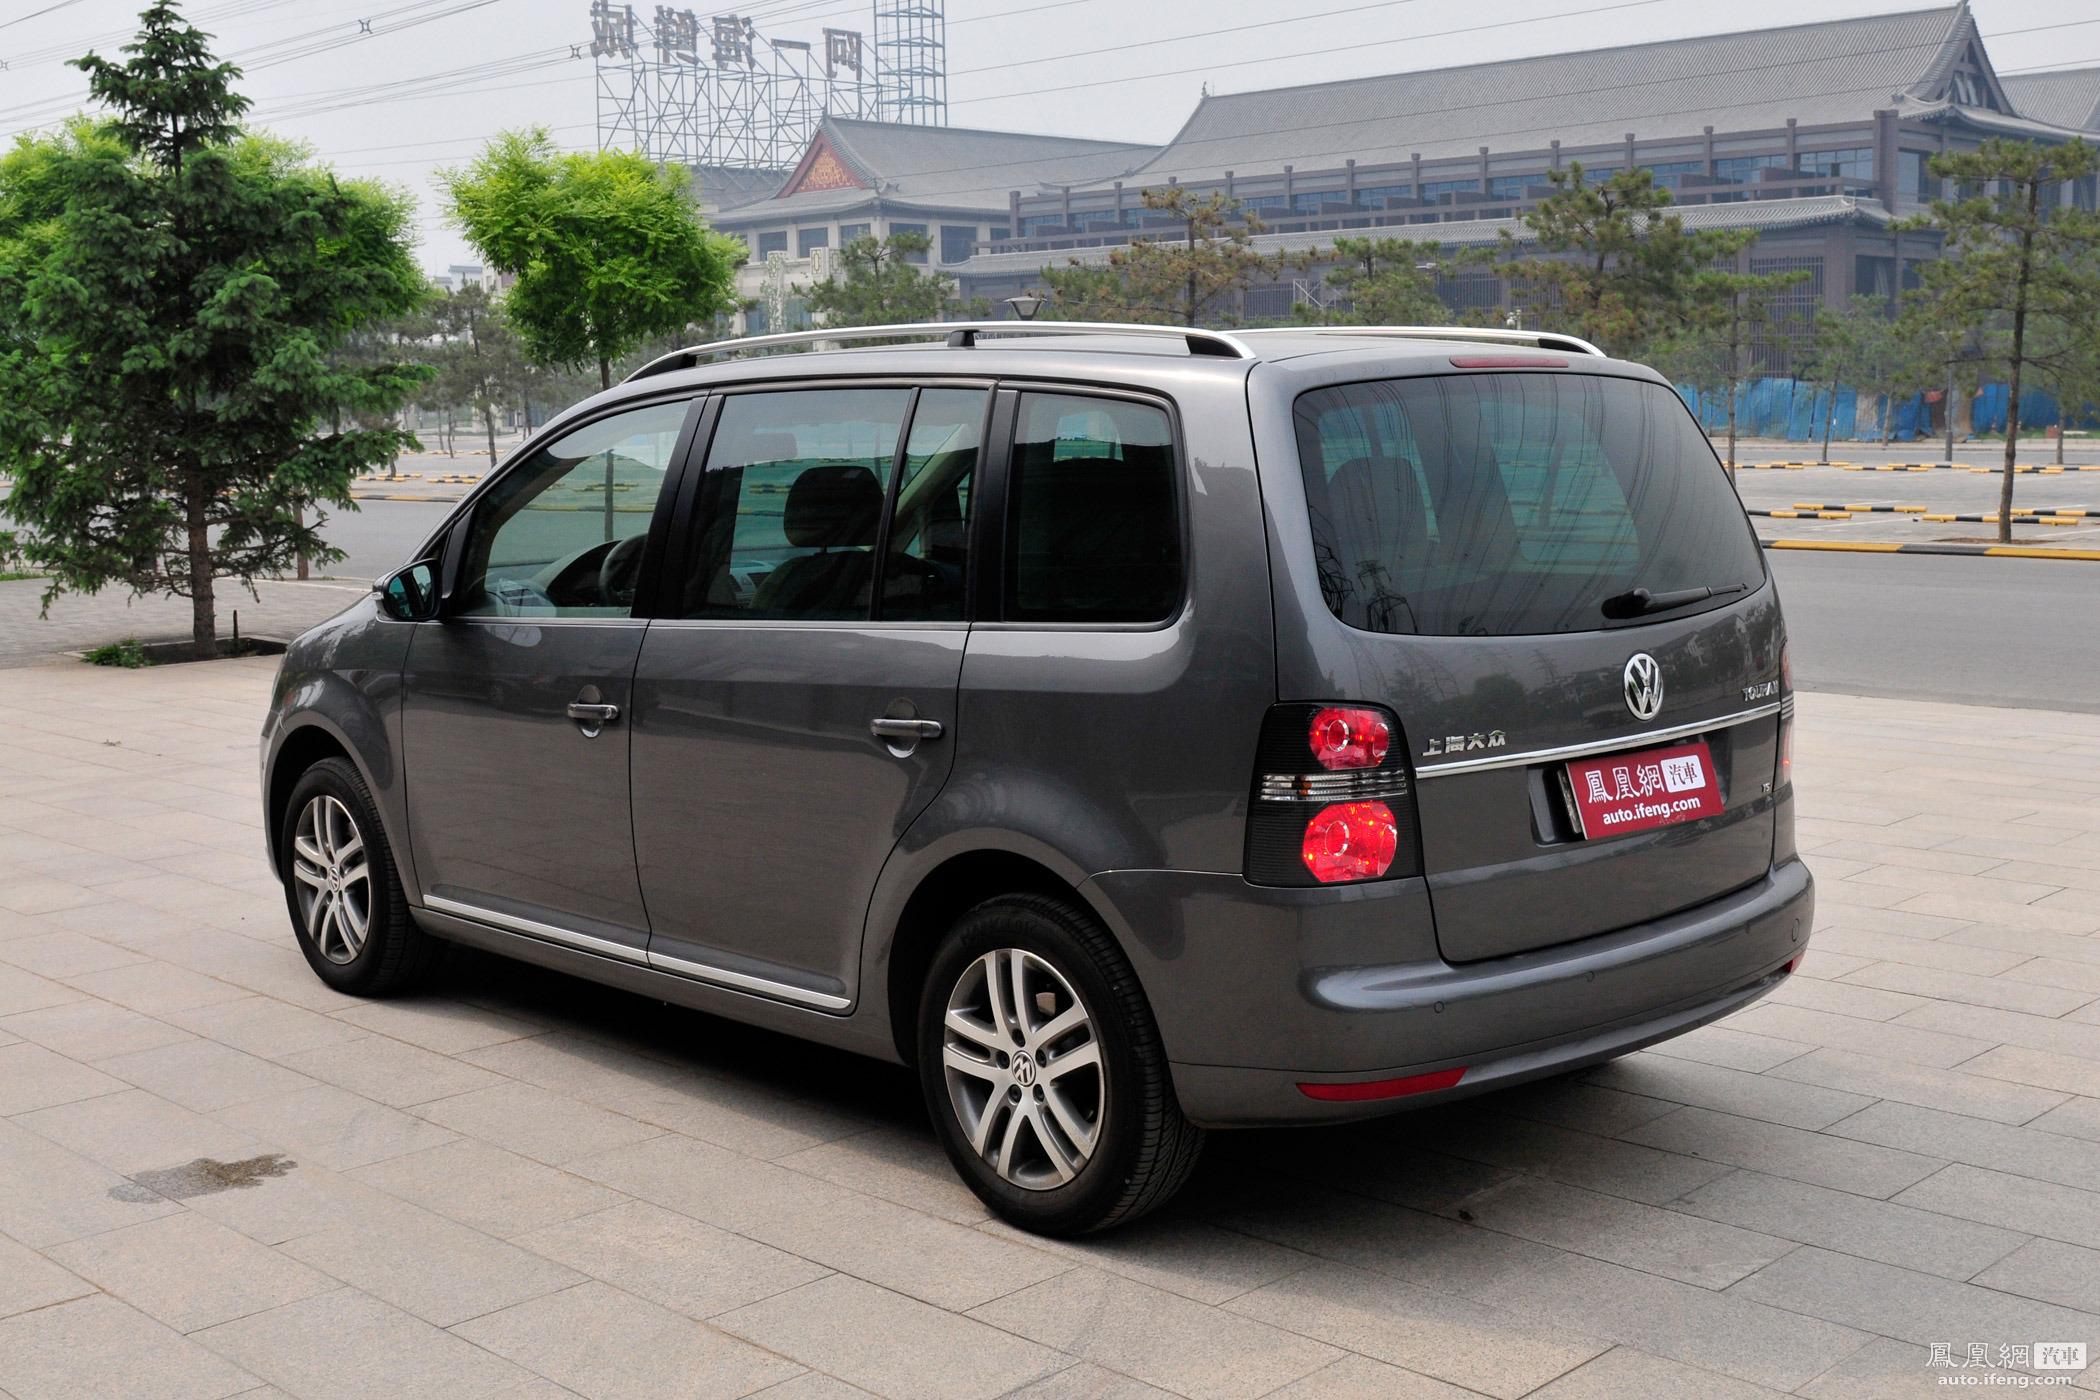 途安 上海大众 新车图鉴 2009上海车展 汽车高清图片